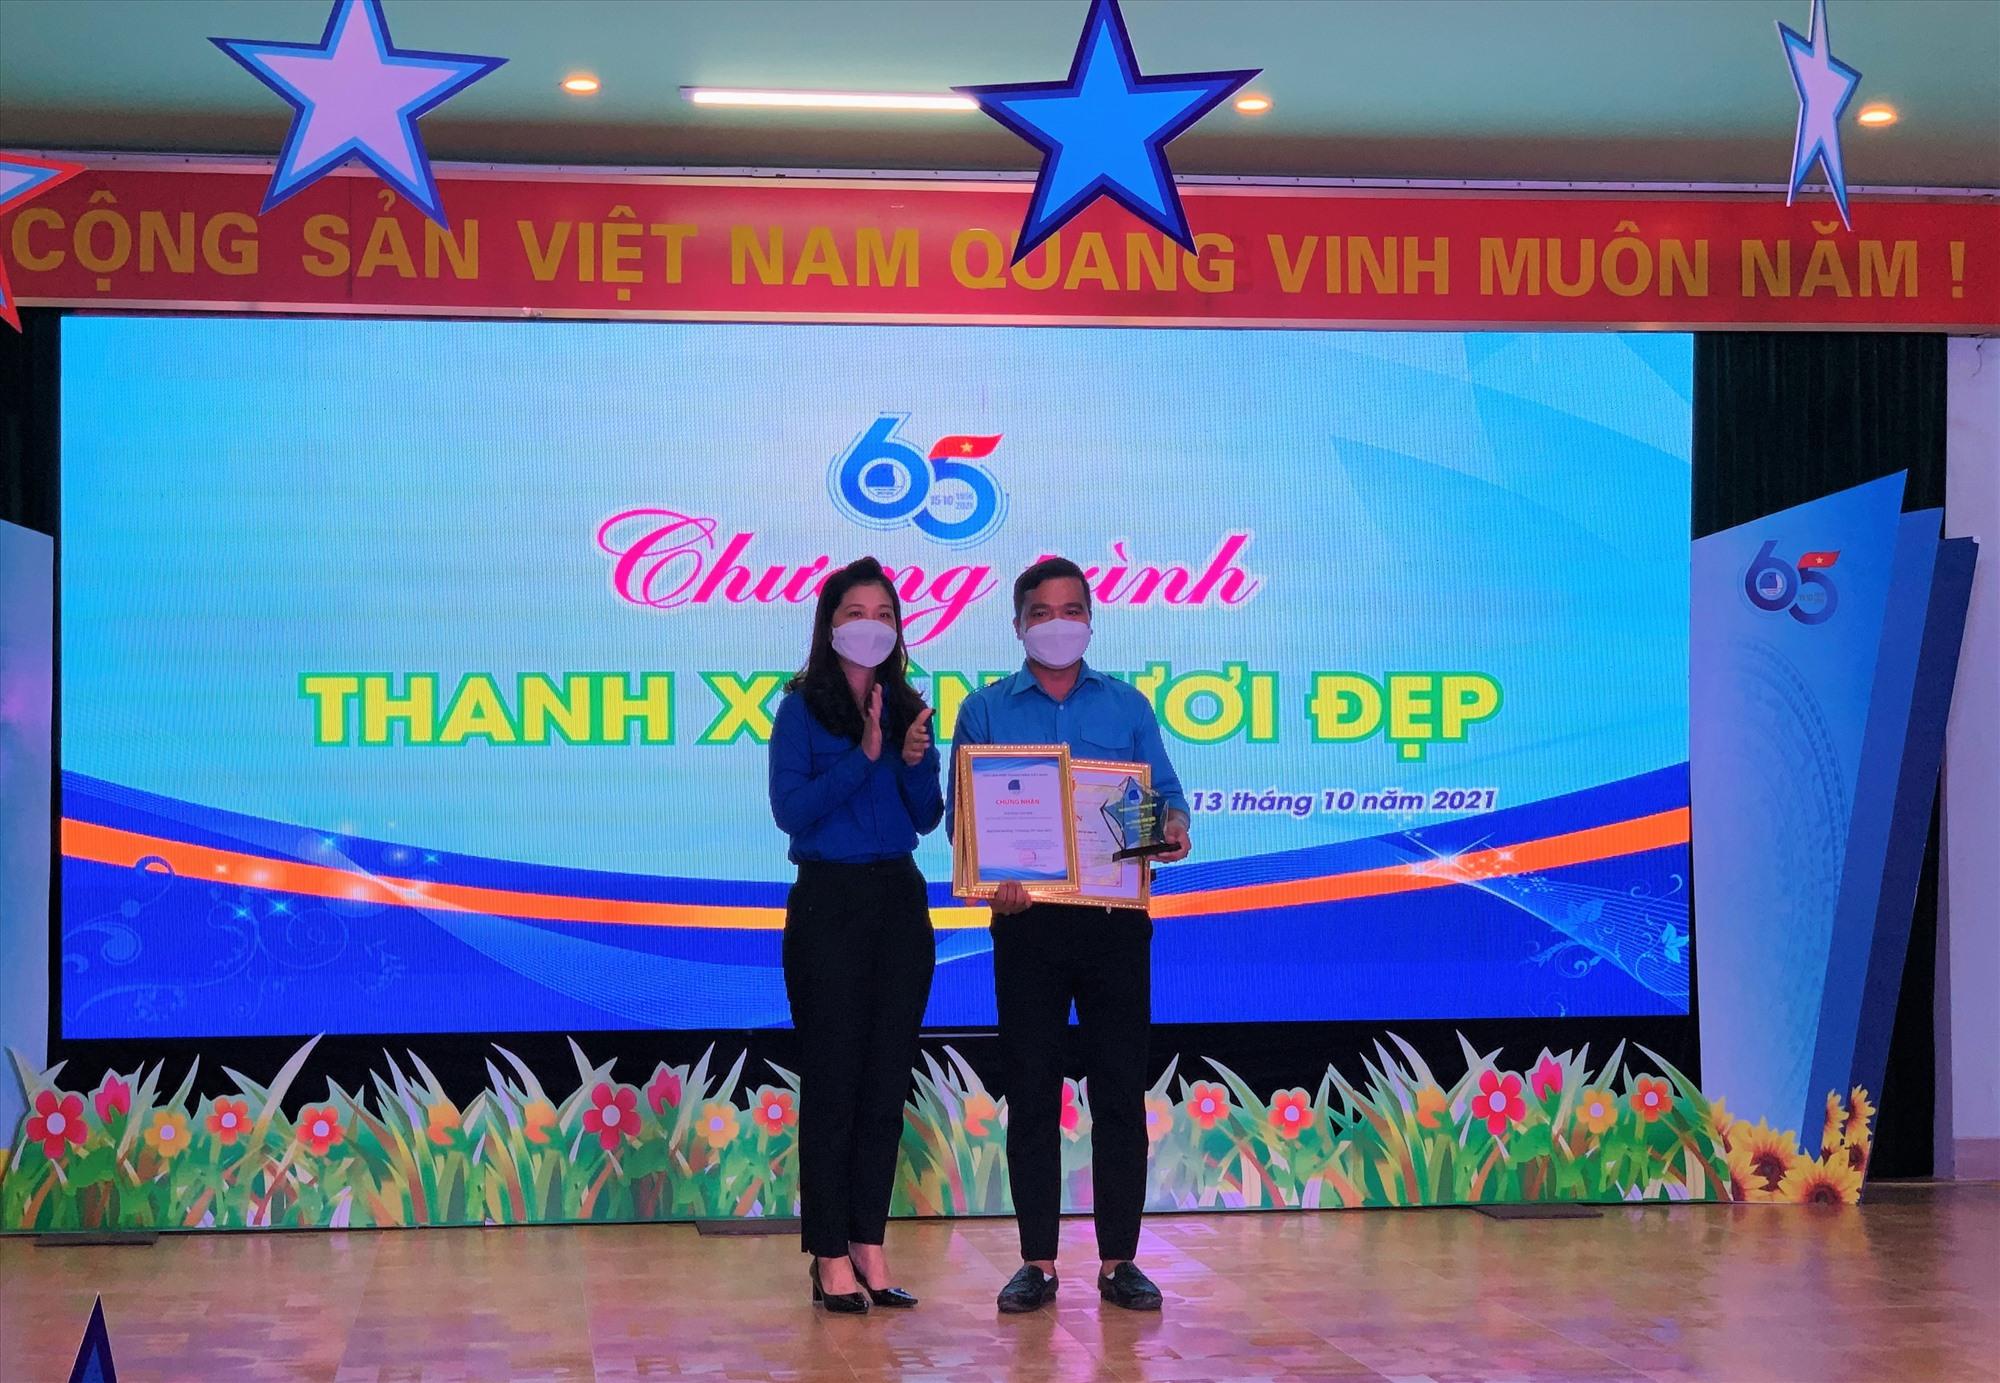 """Bí thư Tỉnh đoàn Phạm Thị Thanh trao giải thưởng """"15 tháng 10"""" cho anh Phan Văn Đức. Ảnh: THU VUI"""